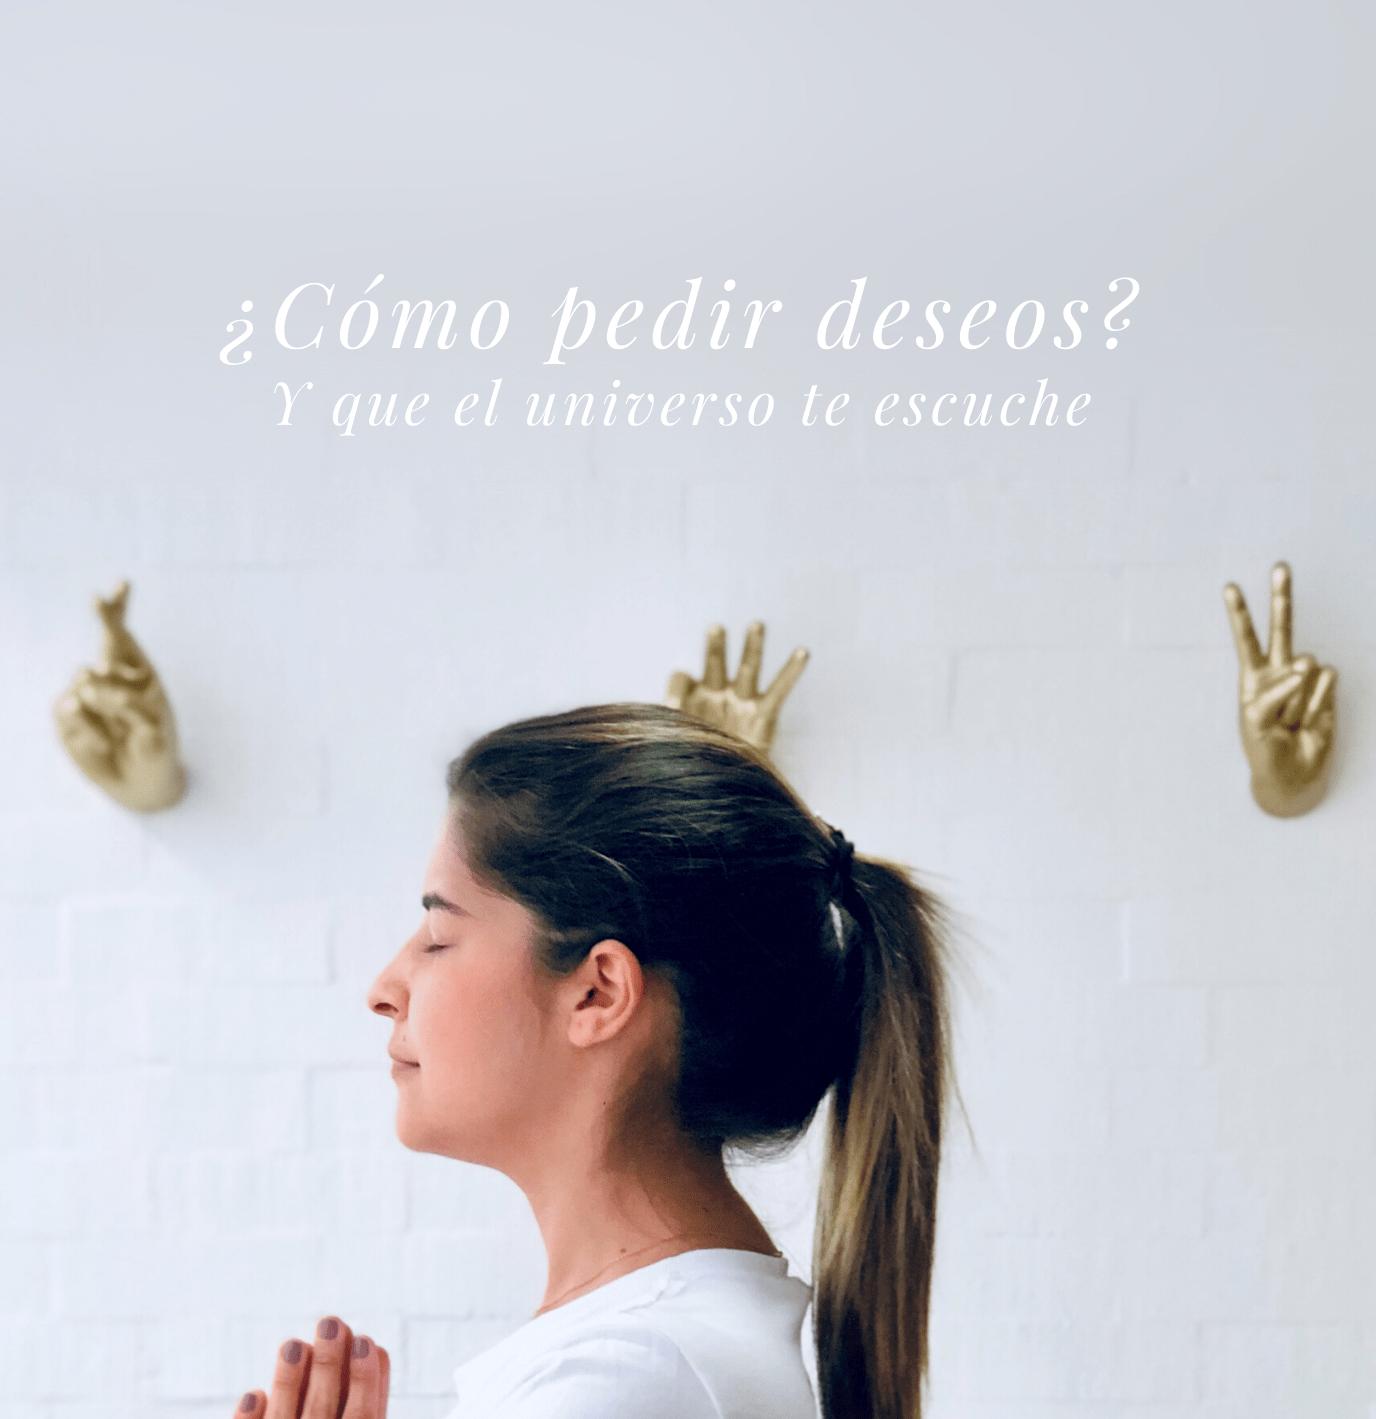 Cómo pedir deseos y que el universo te escuche